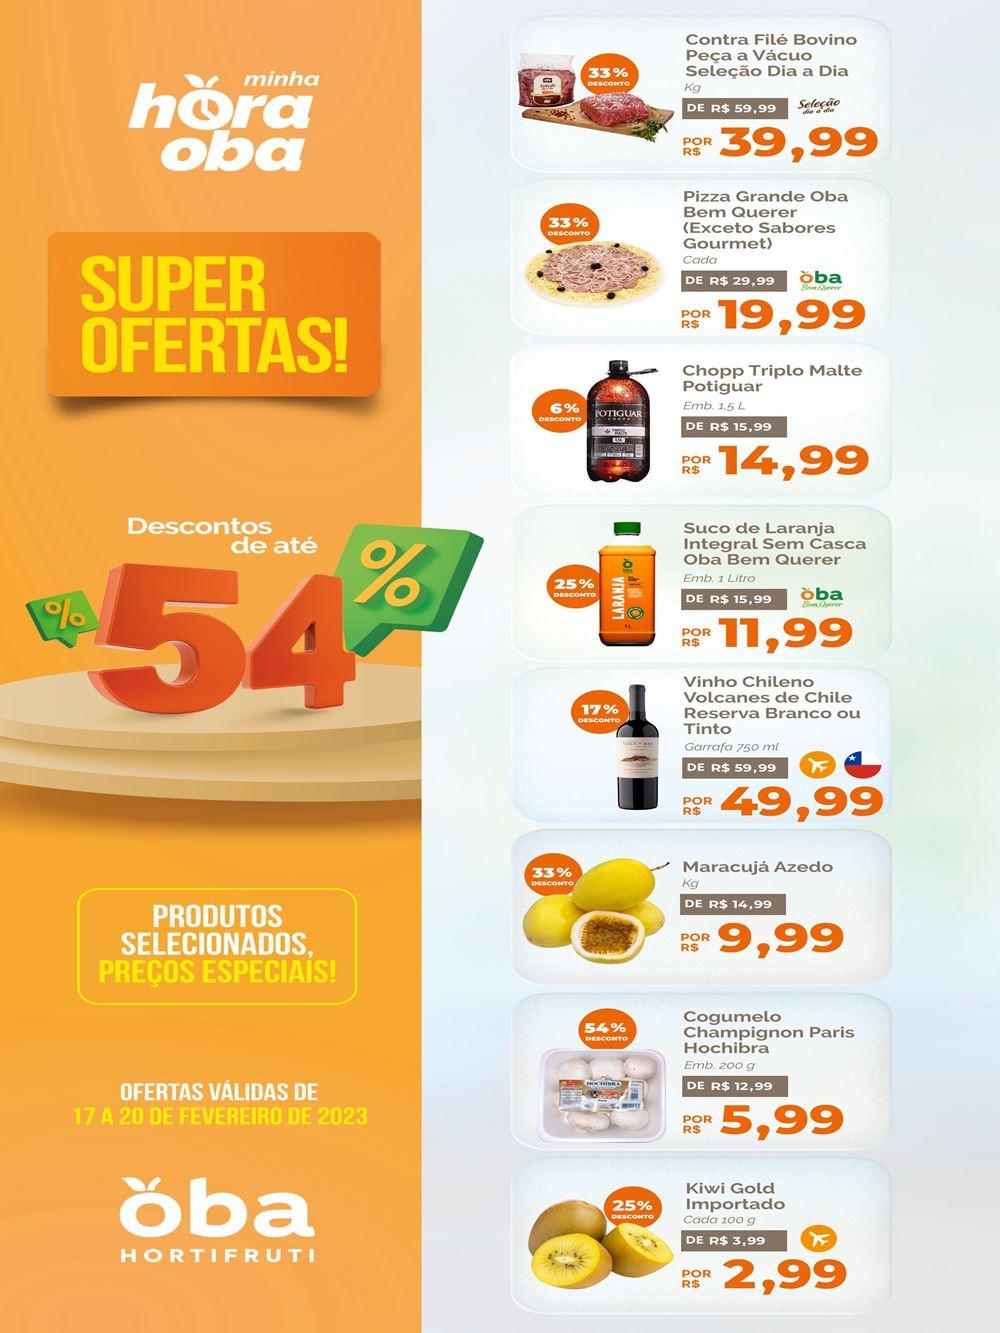 oba-ofertas-descontos-hoje1-3 Ofertas de supermercados